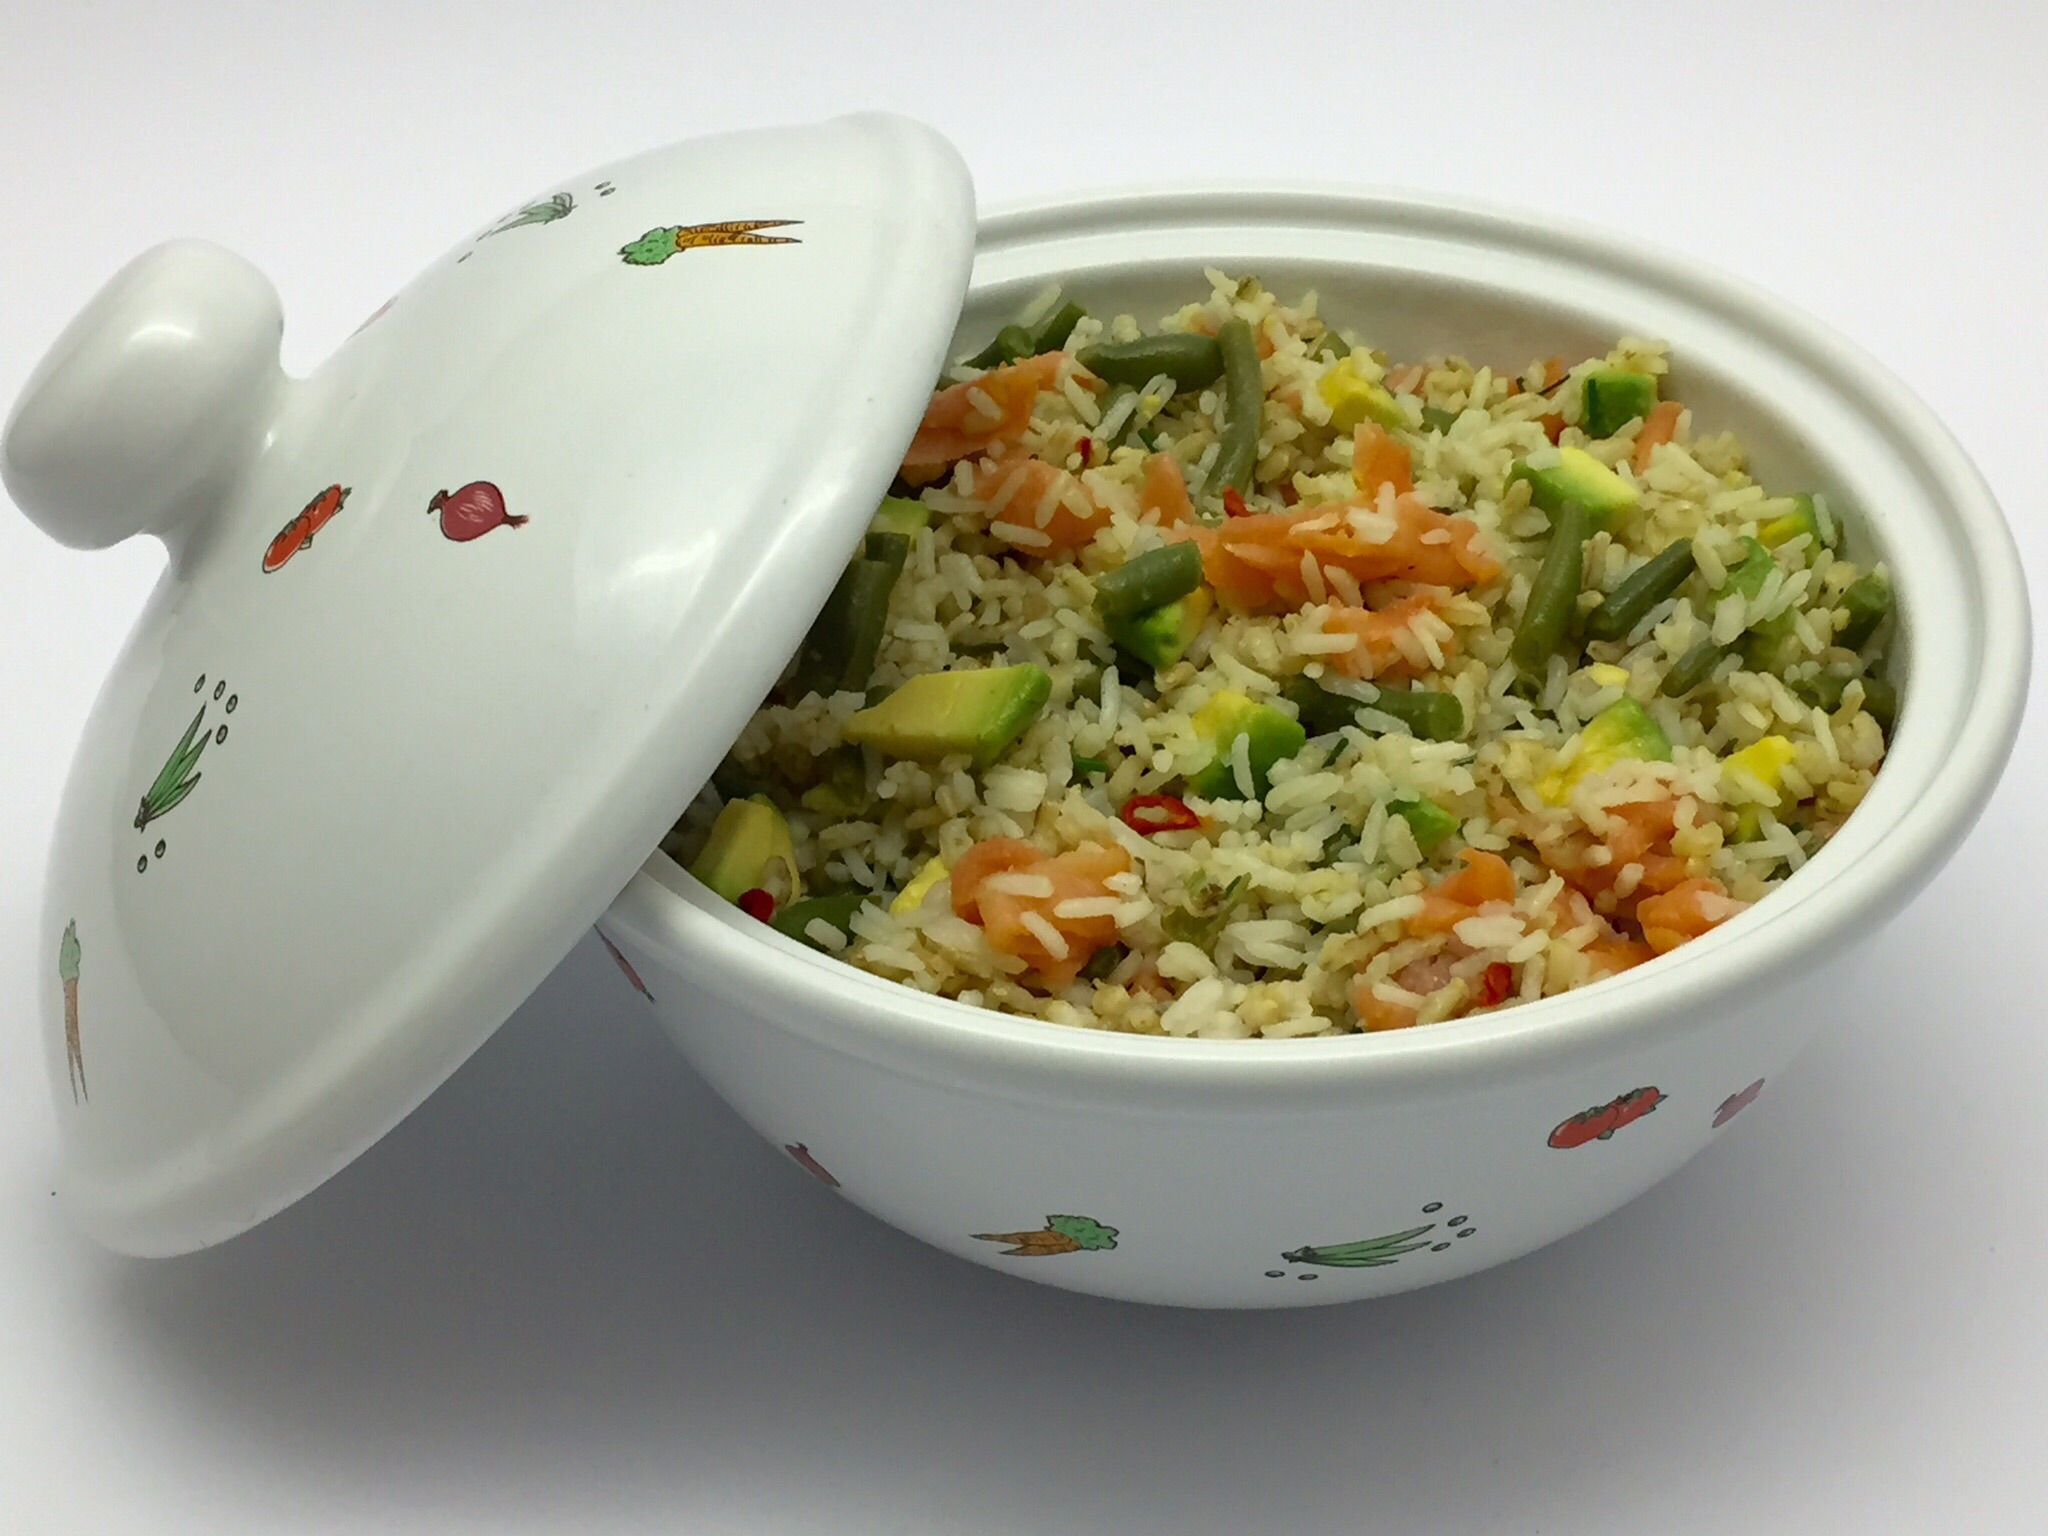 17 agosto 2015  - Insalata di riso senza glutine con avocado e salmone